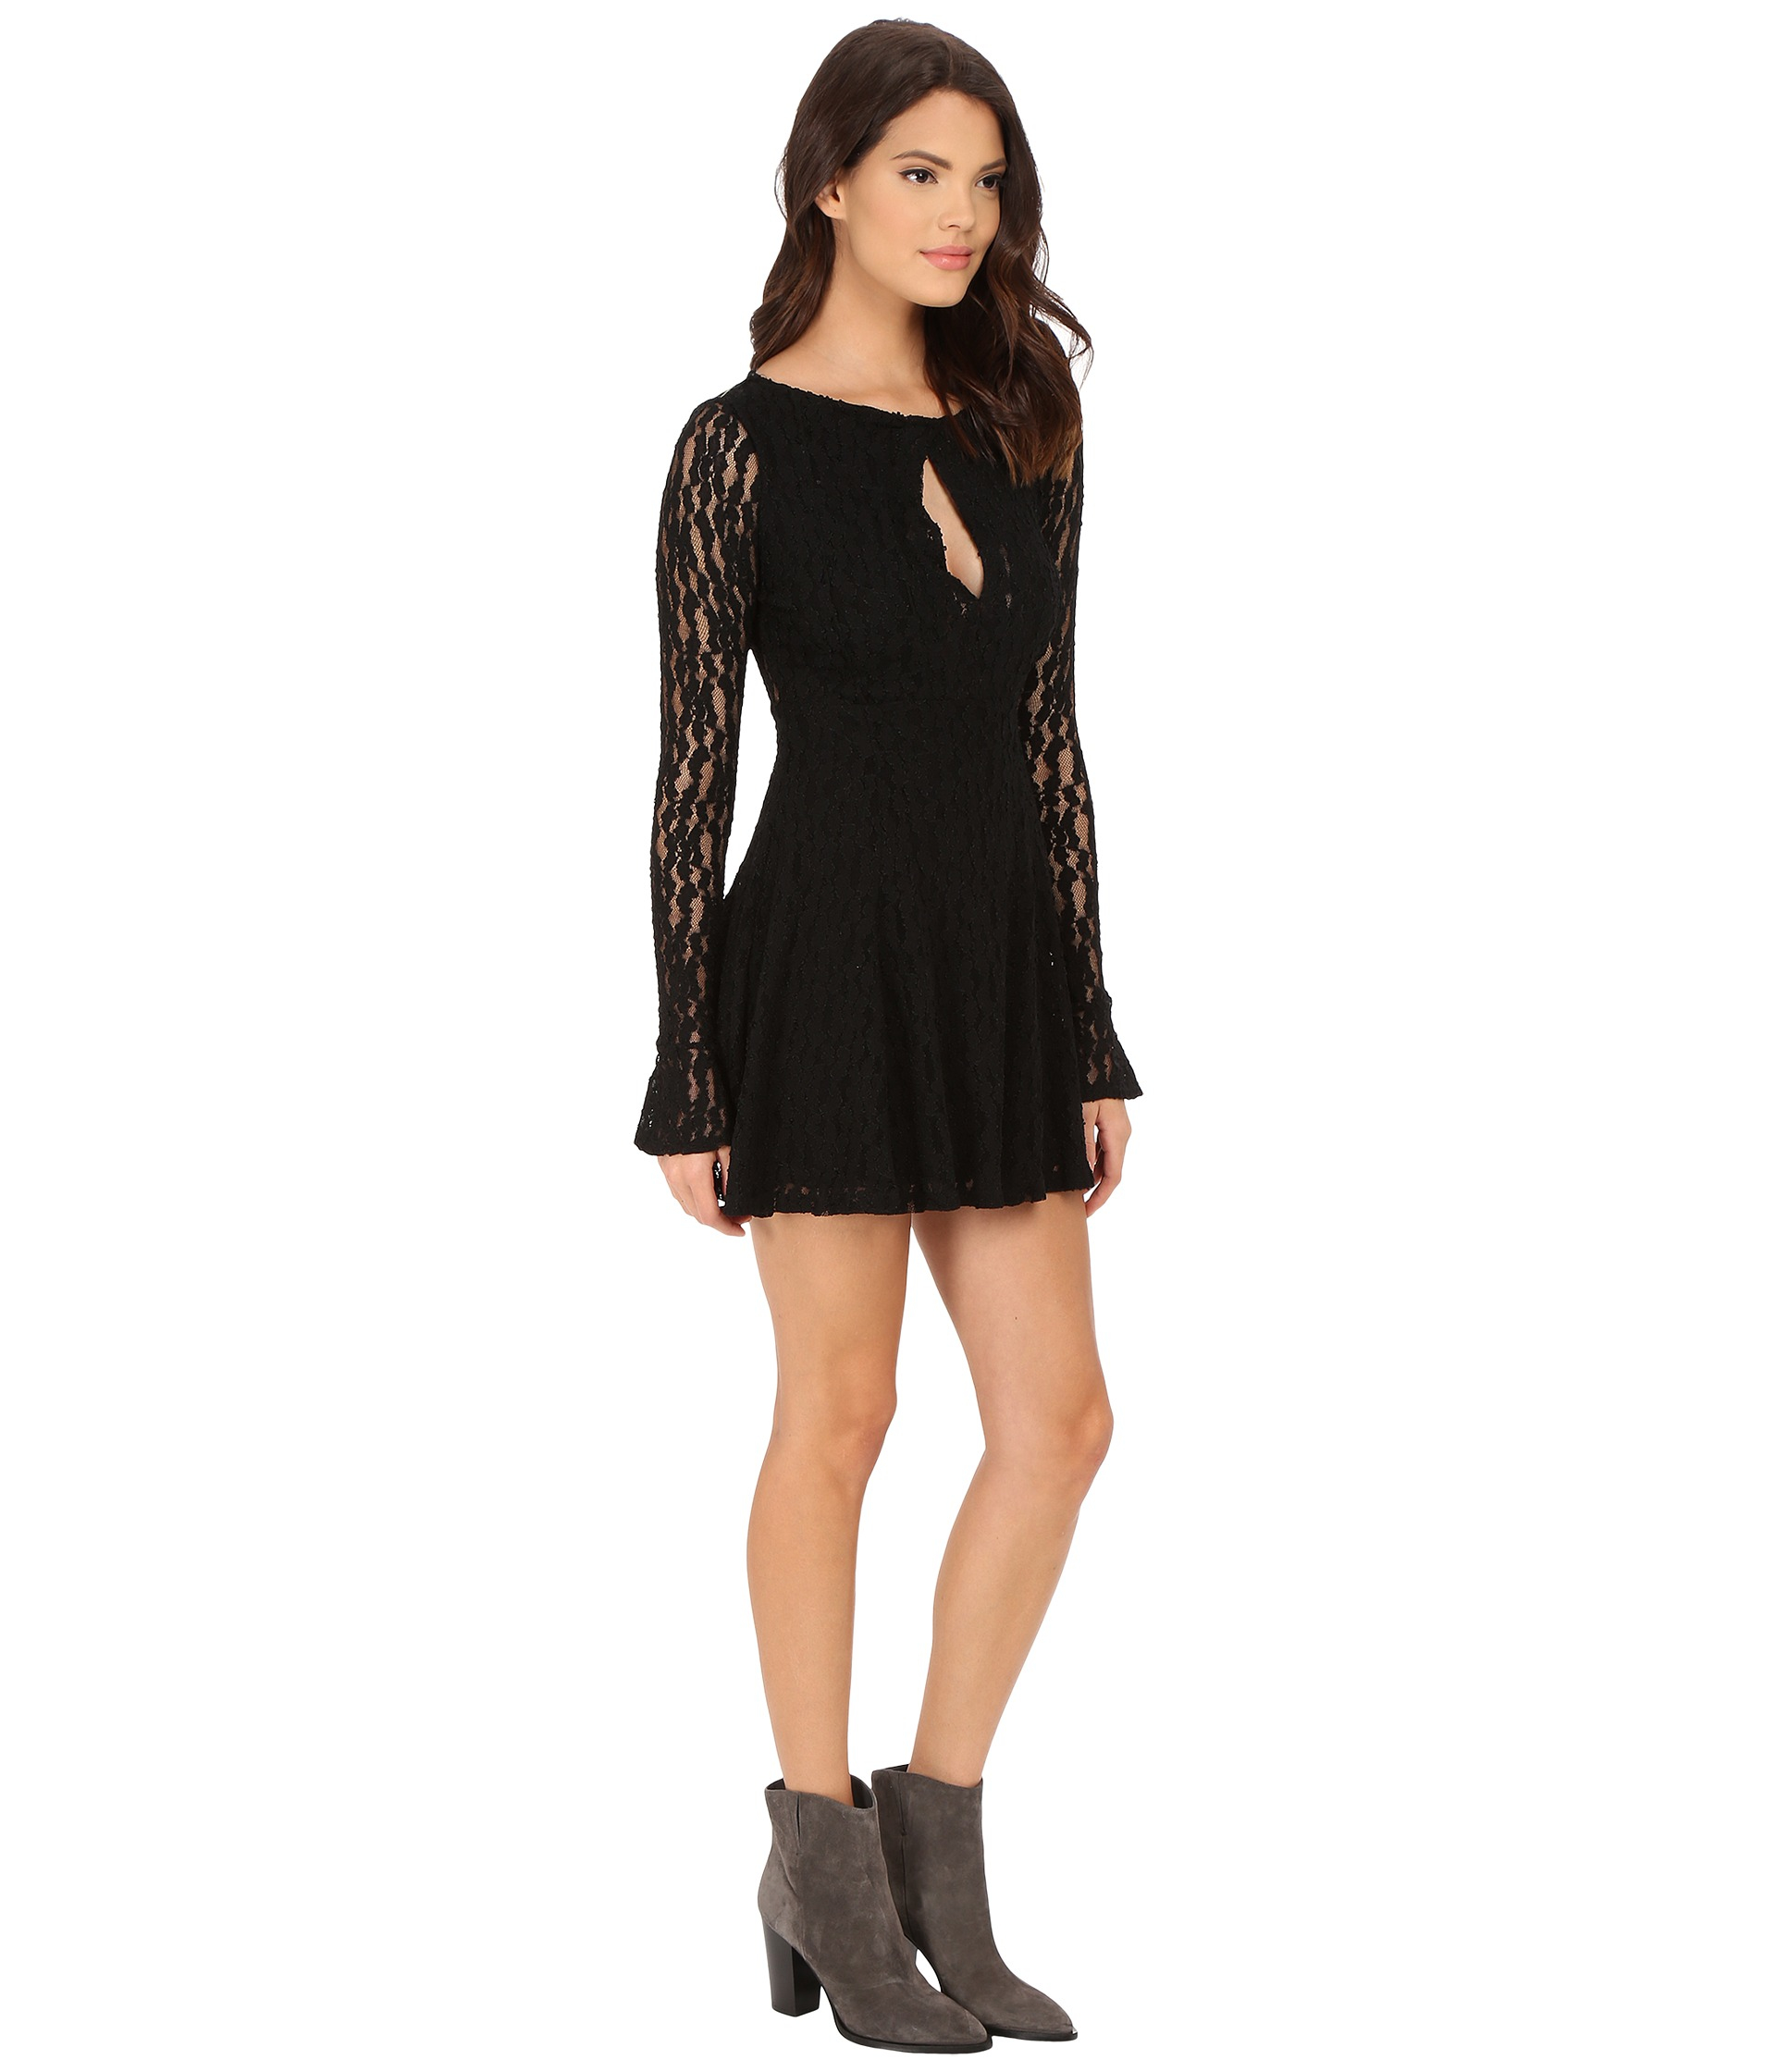 Black dress teenager - Gallery